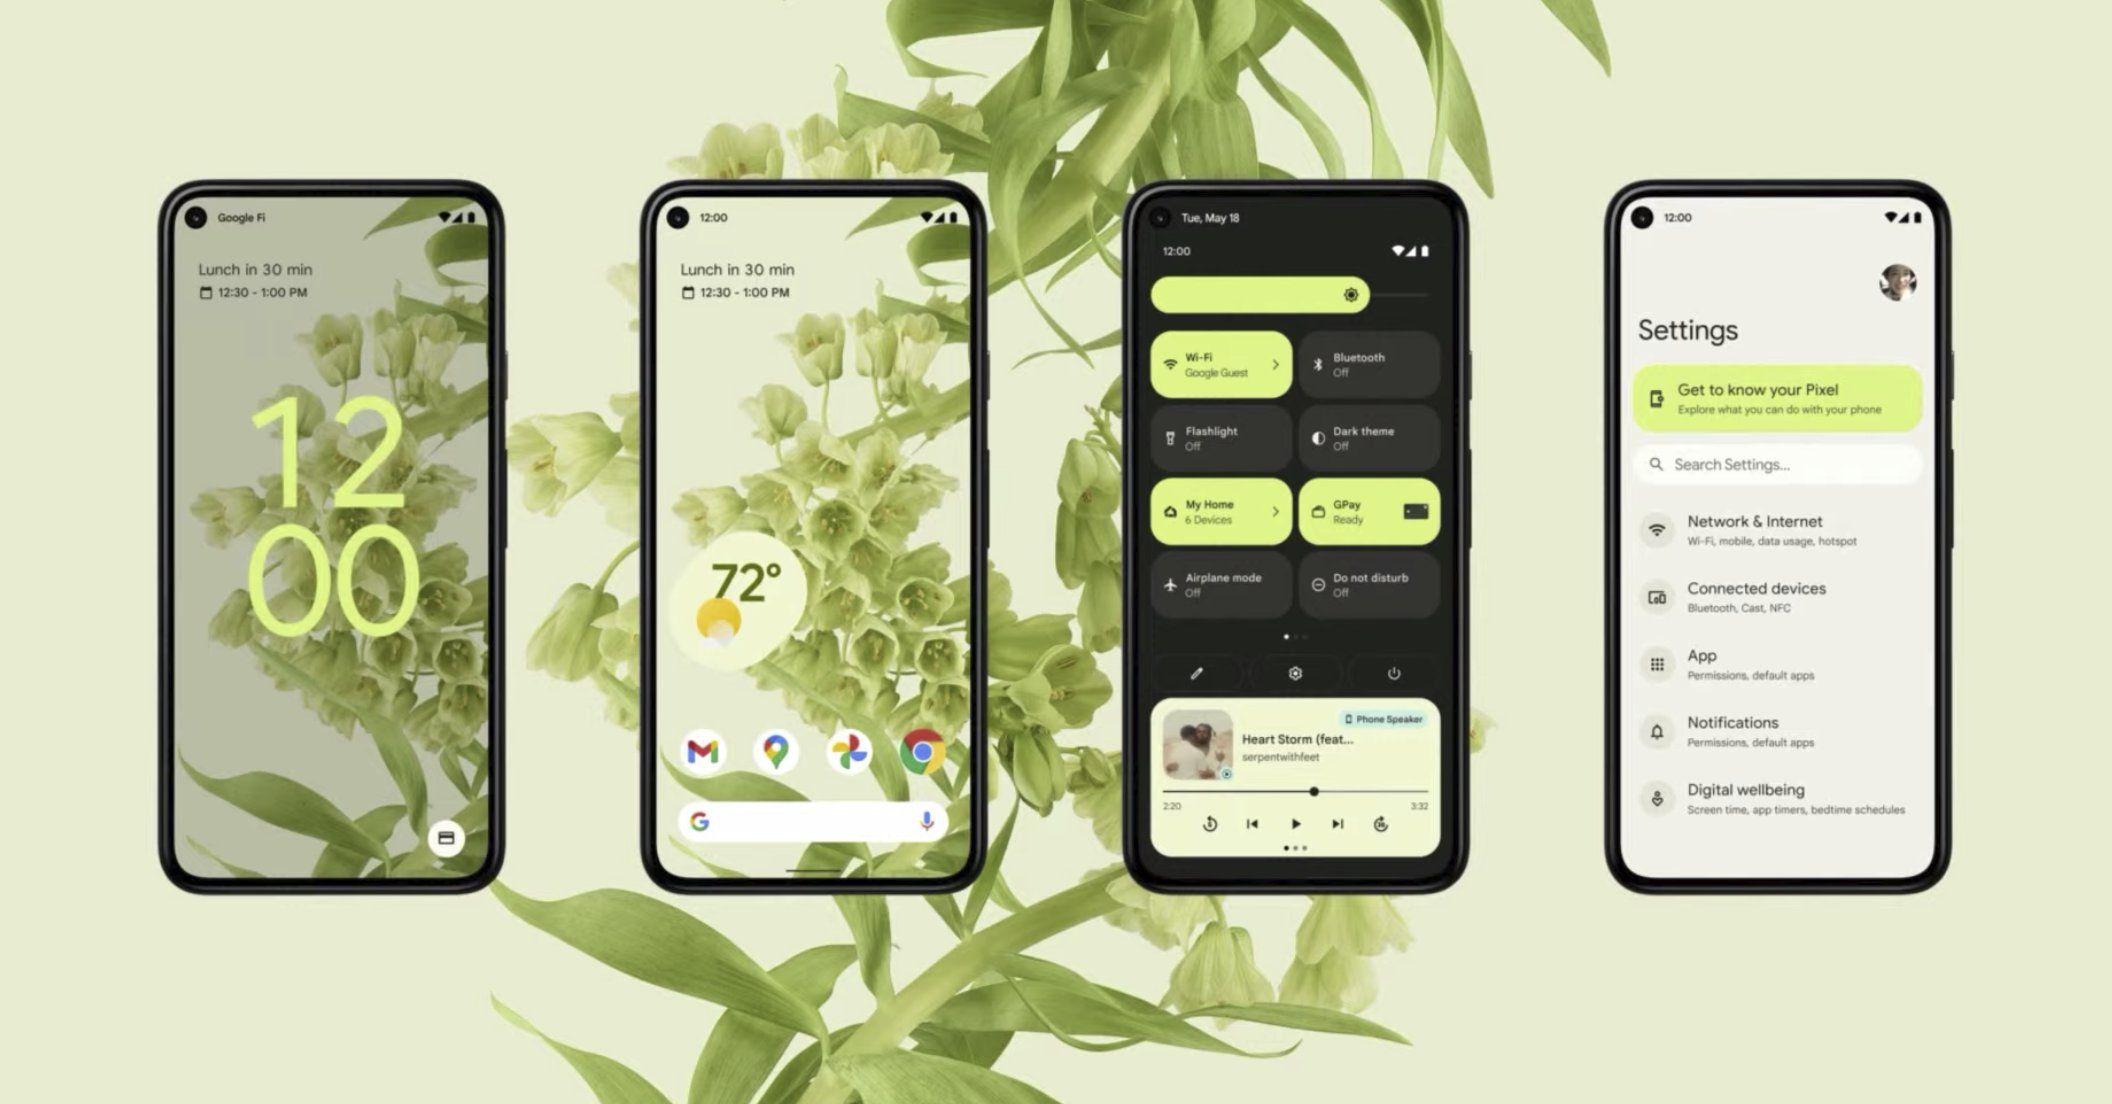 Cómo instalar Android 12 Beta en mi teléfono móvil